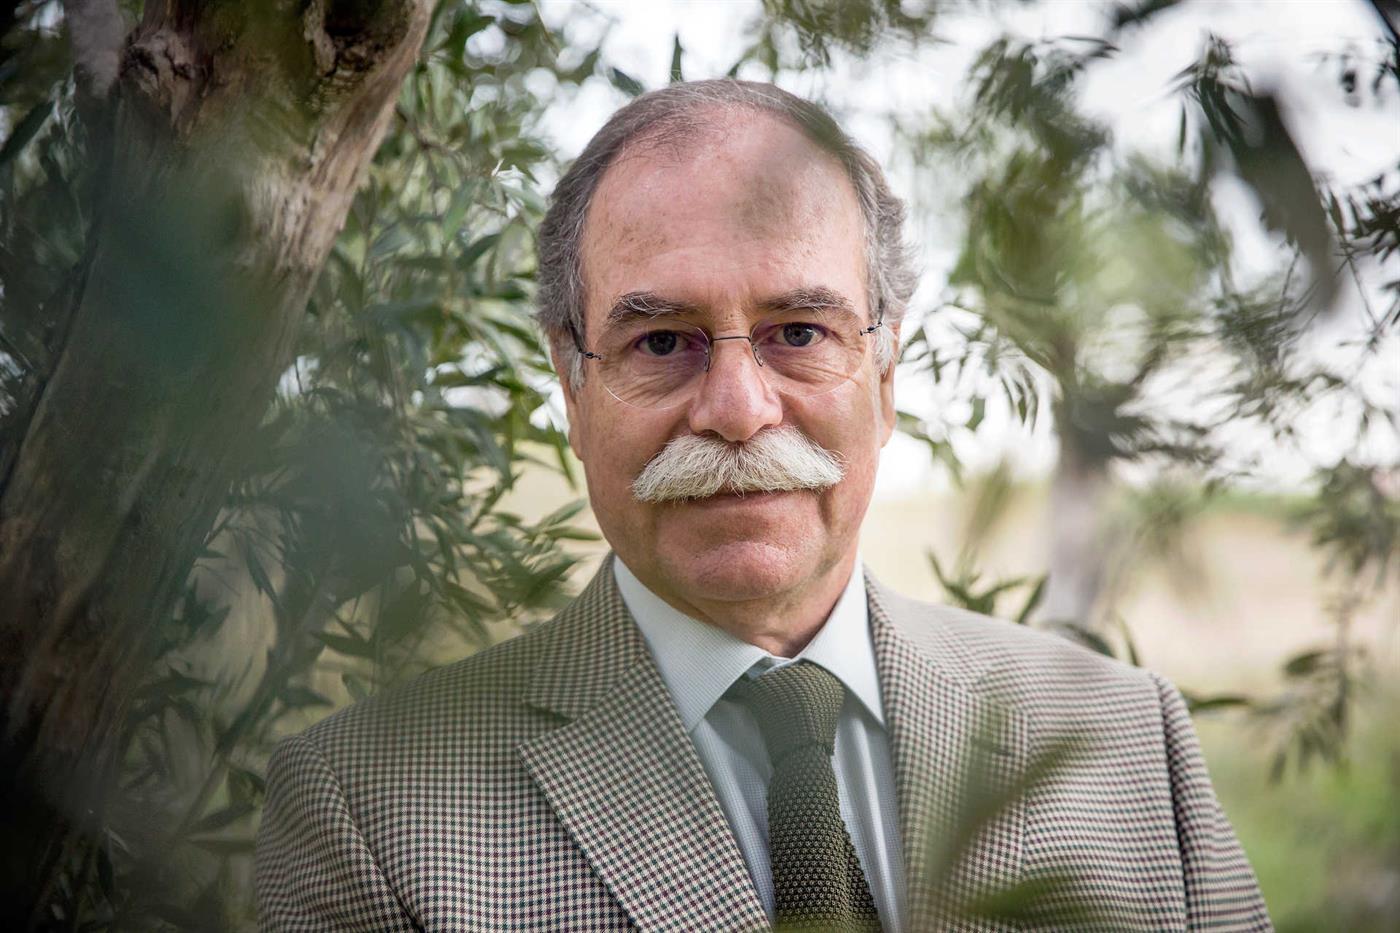 """Eduardo Oliveira,presidente da CAF, sobre decisão de Coimbra:  """"Édesenraizada de objetividade, prejudicial"""